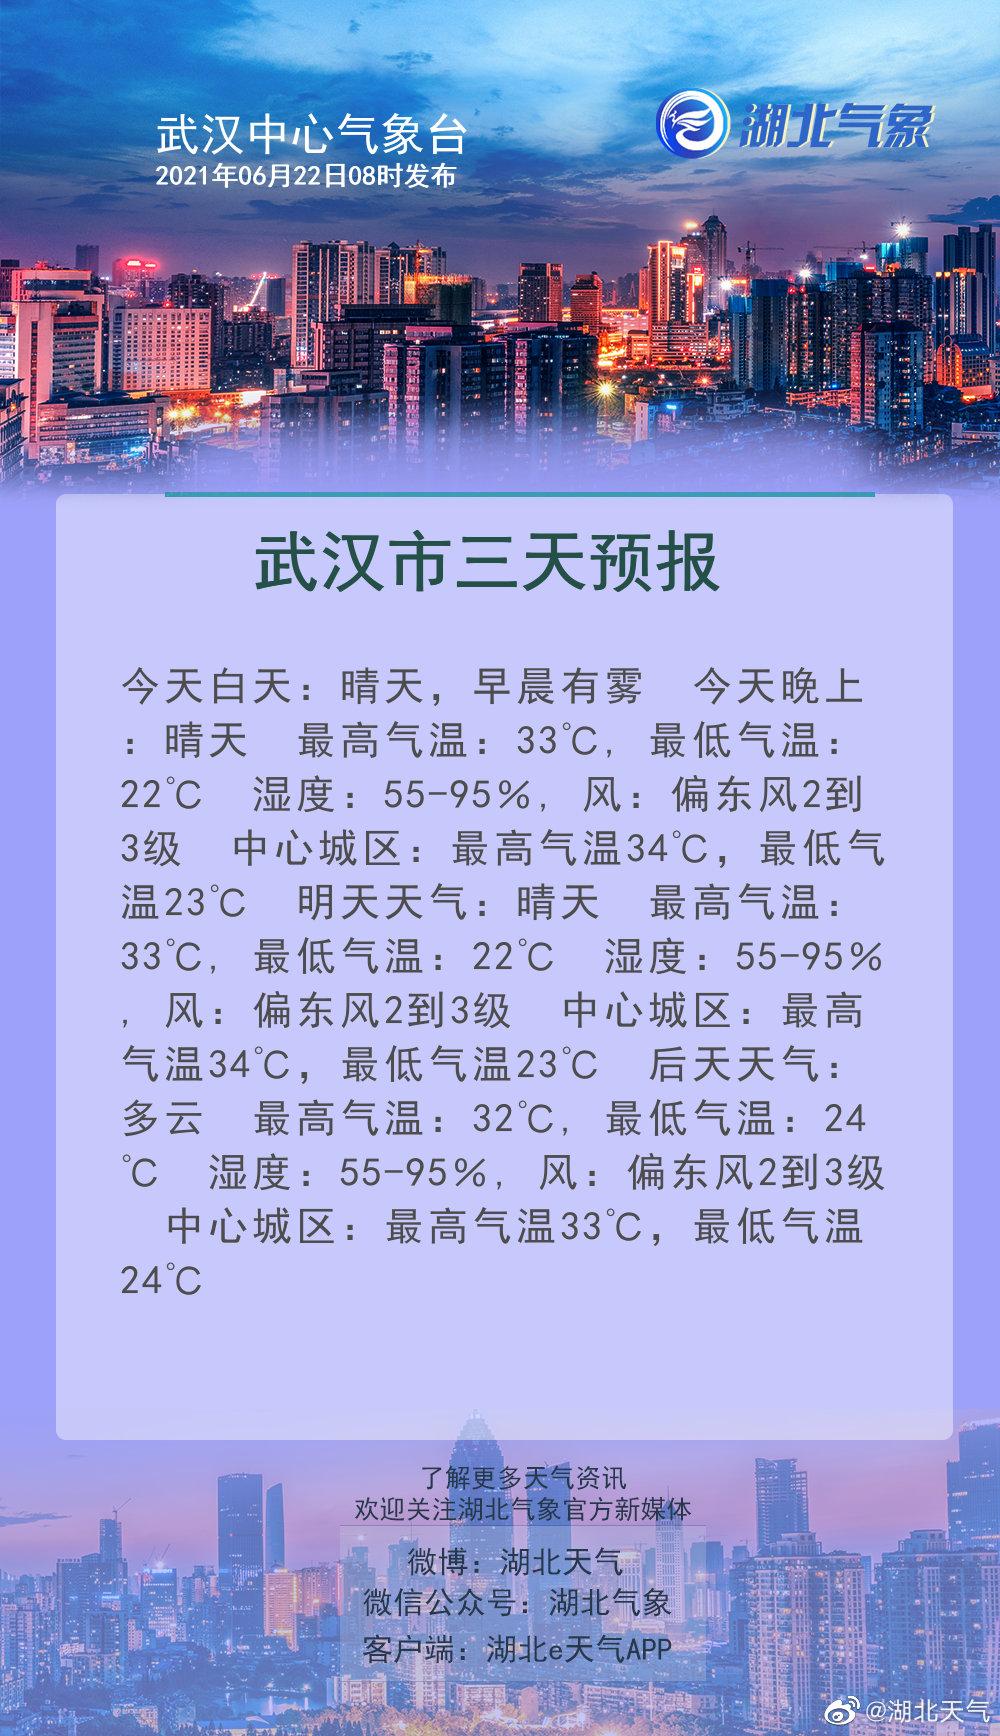 06月22日08时武汉天气预报